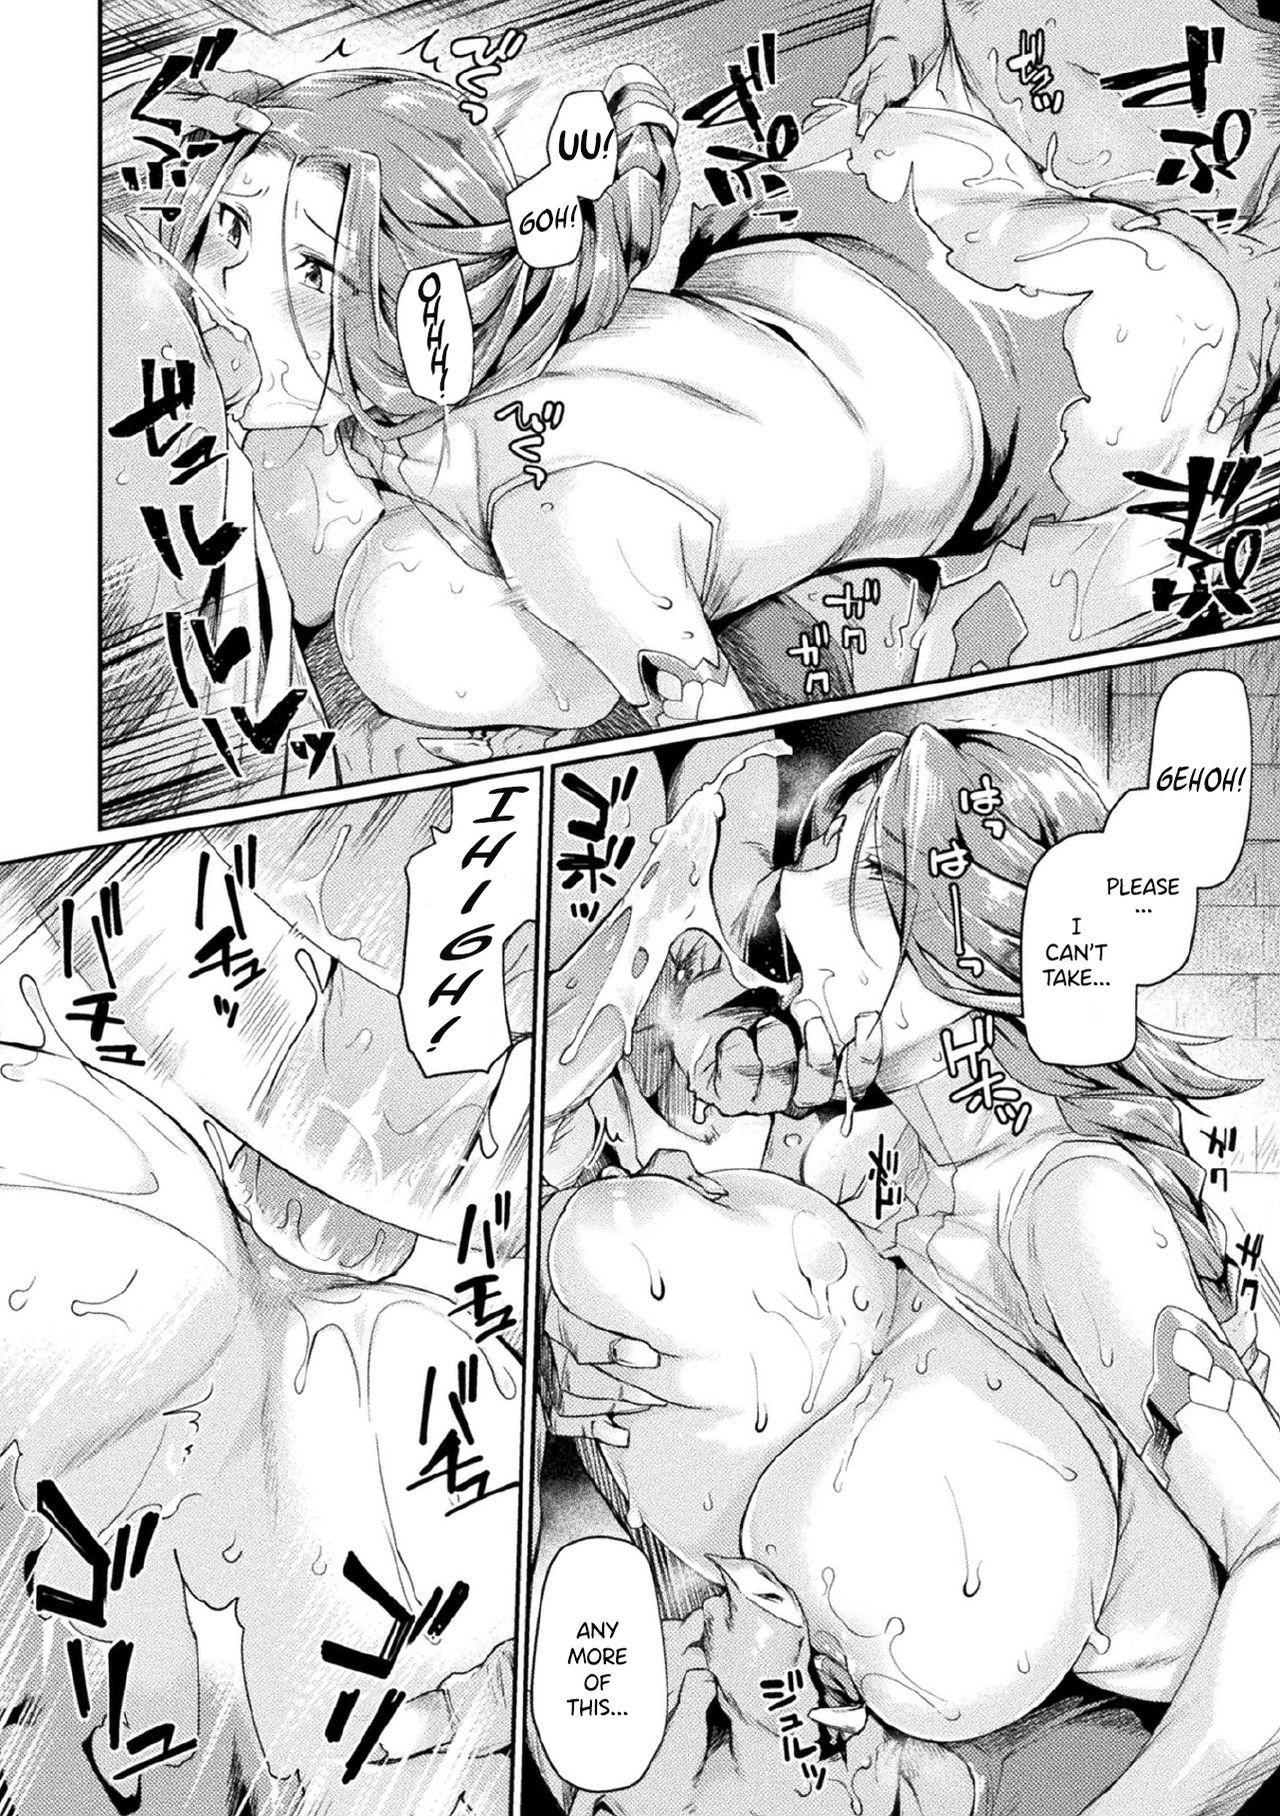 [Tsukitokage] Kuroinu II ~Inyoku ni Somaru Haitoku no Miyako, Futatabi~ THE COMIC Chapter 2 (Haiboku Otome Ecstasy Vol. 21) [English] {Hennojin} [Decensored] [Digital] 11